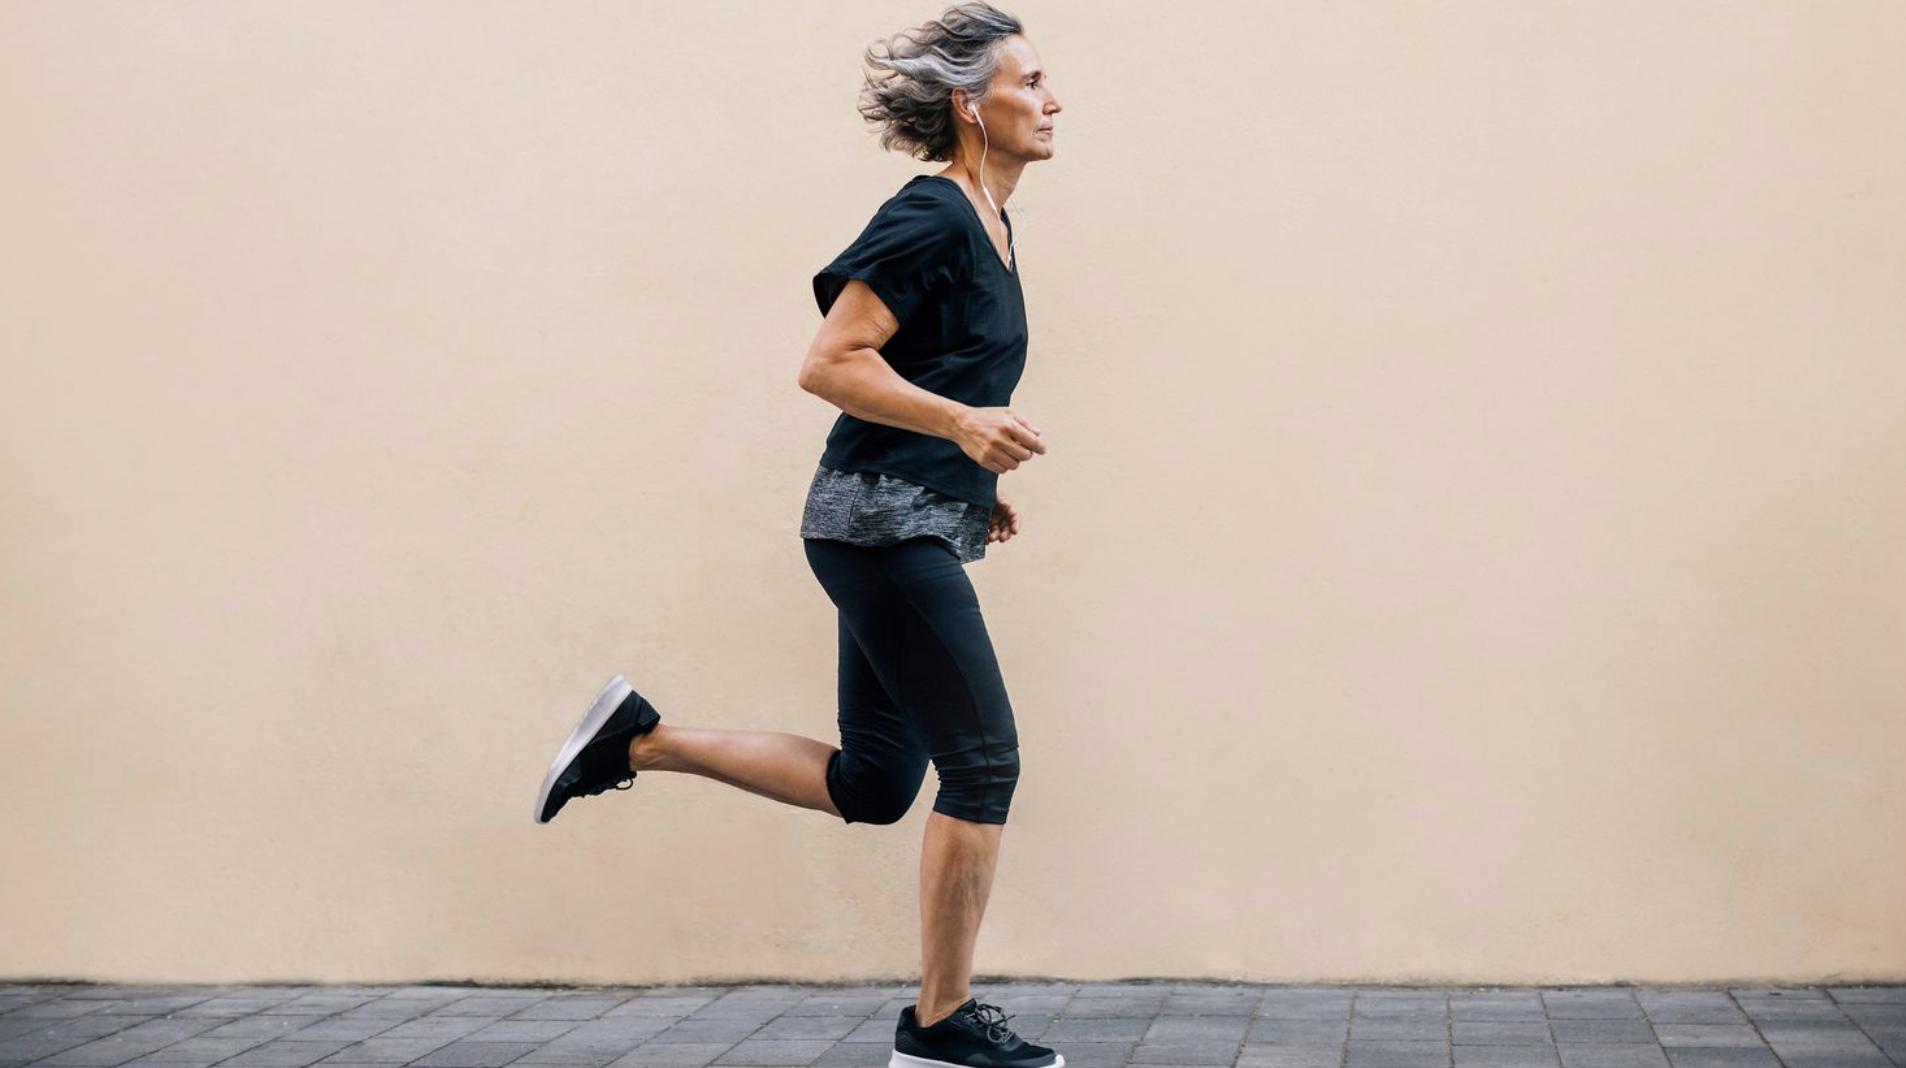 Los sedentarios tienen el doble de probabilidades de padecer enfermedades cardíacas, afirma estudio